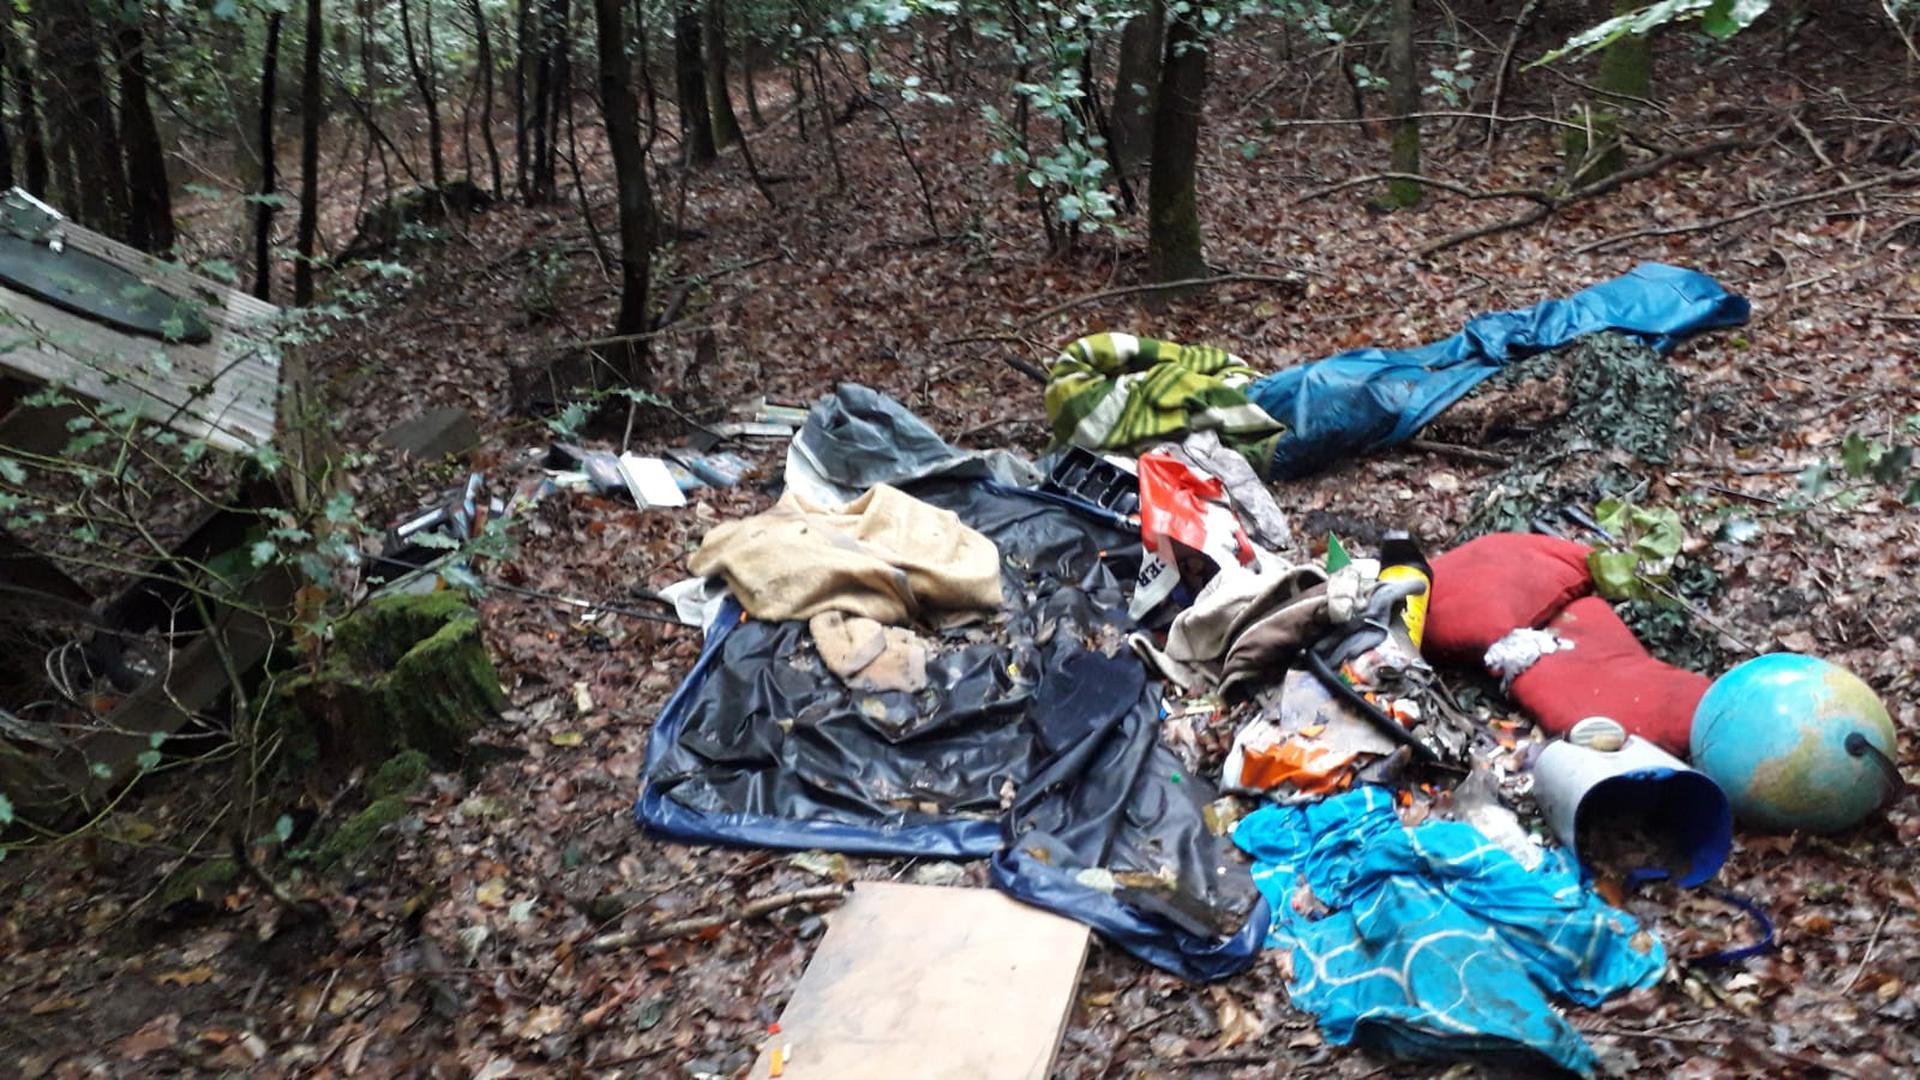 Mitten im Wald liegt wilder Müll.